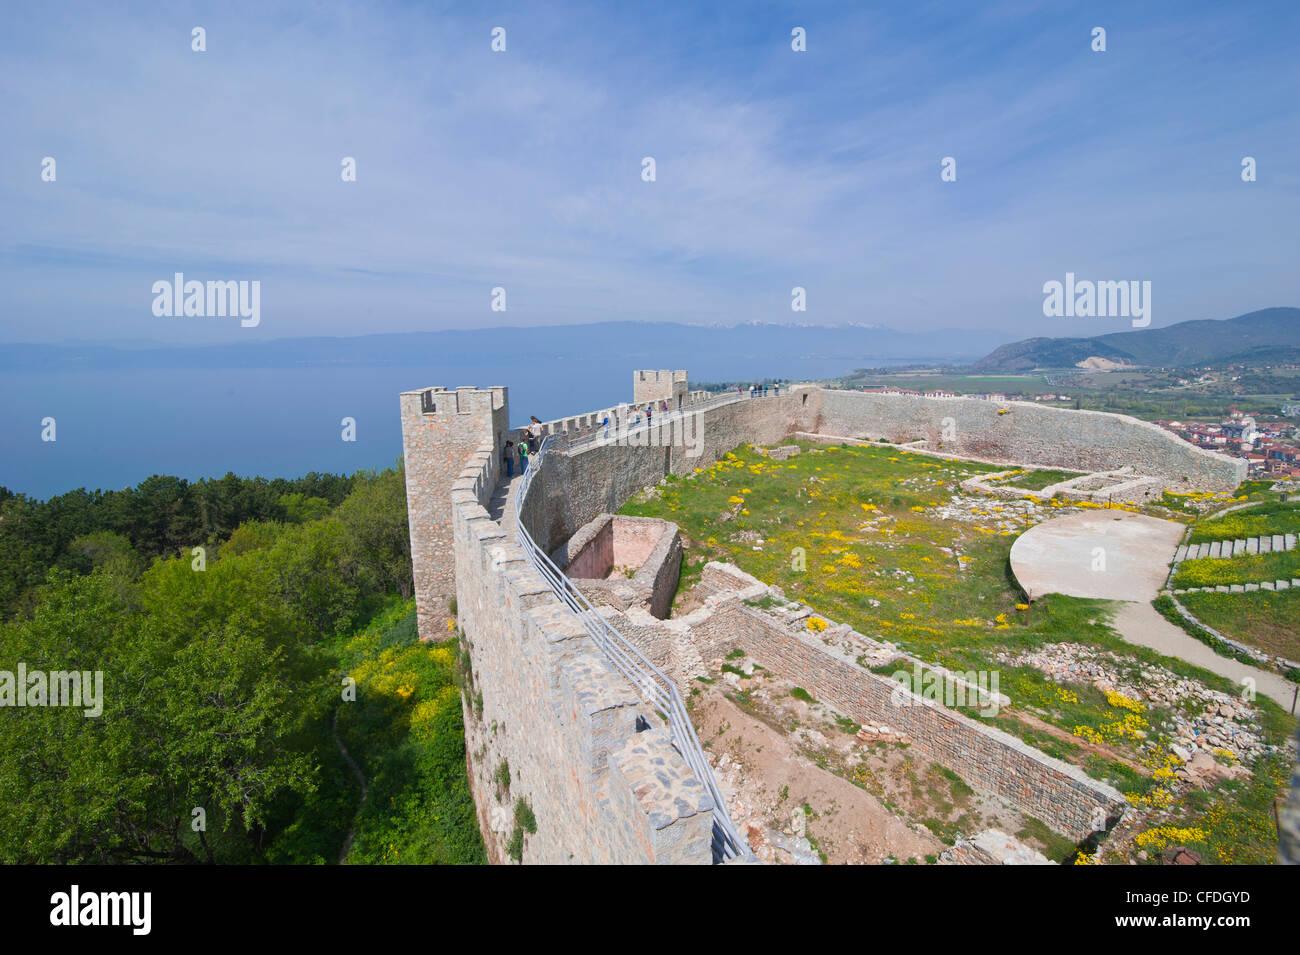 Castle, Ohrid at Lake Ohrid, UNESCO World Heritage Site, Macedonia, Europe - Stock Image